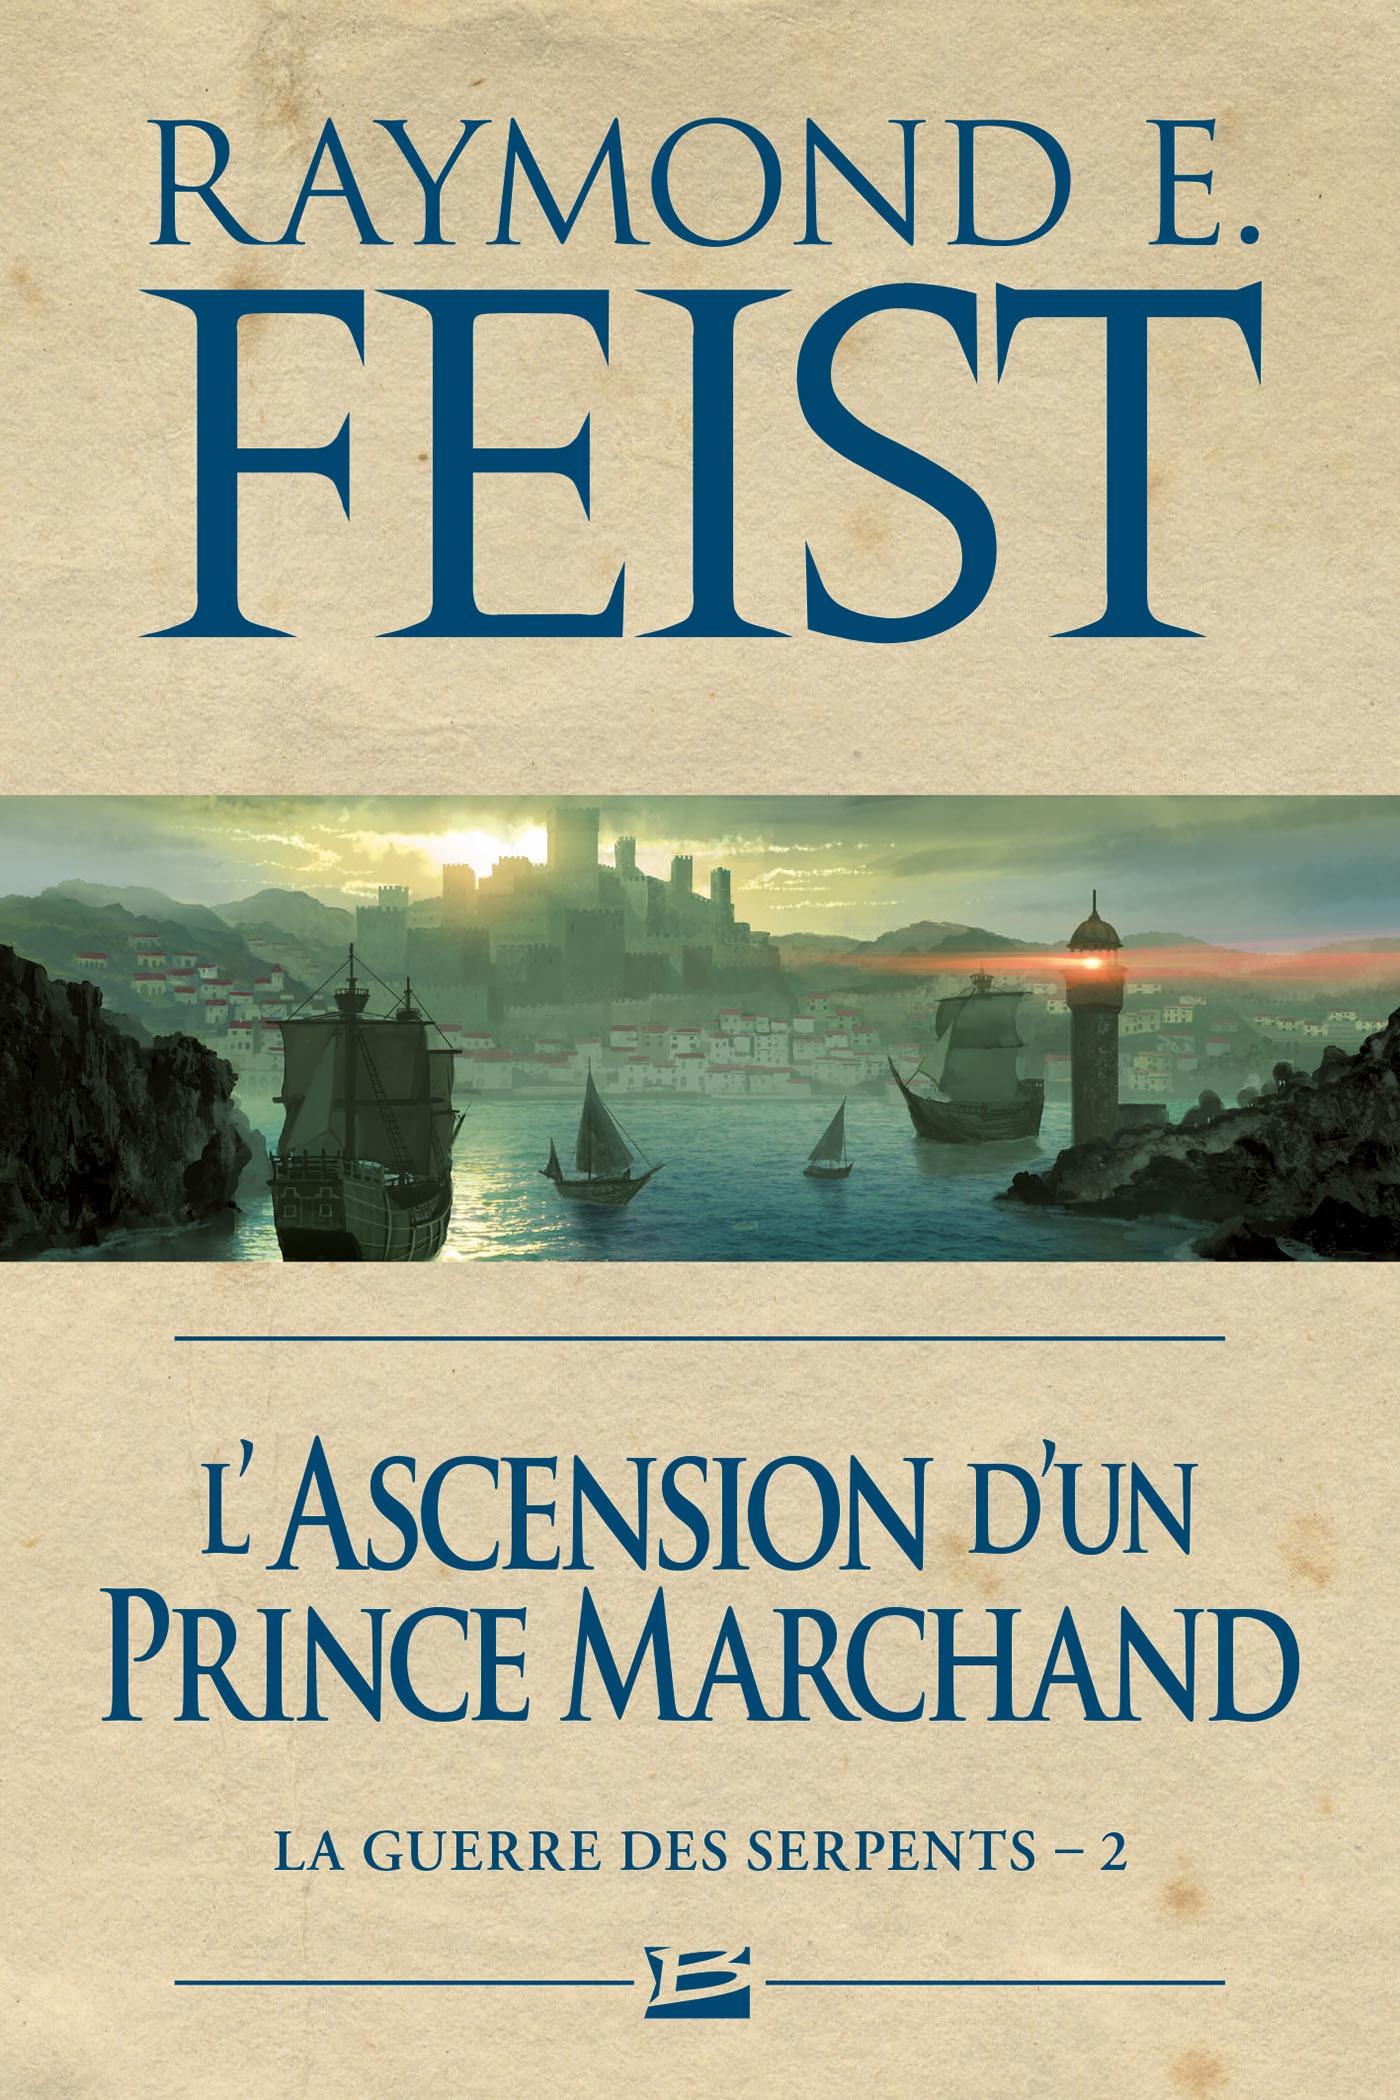 L'Ascension d'un prince marchand, LA GUERRE DES SERPENTS, T2